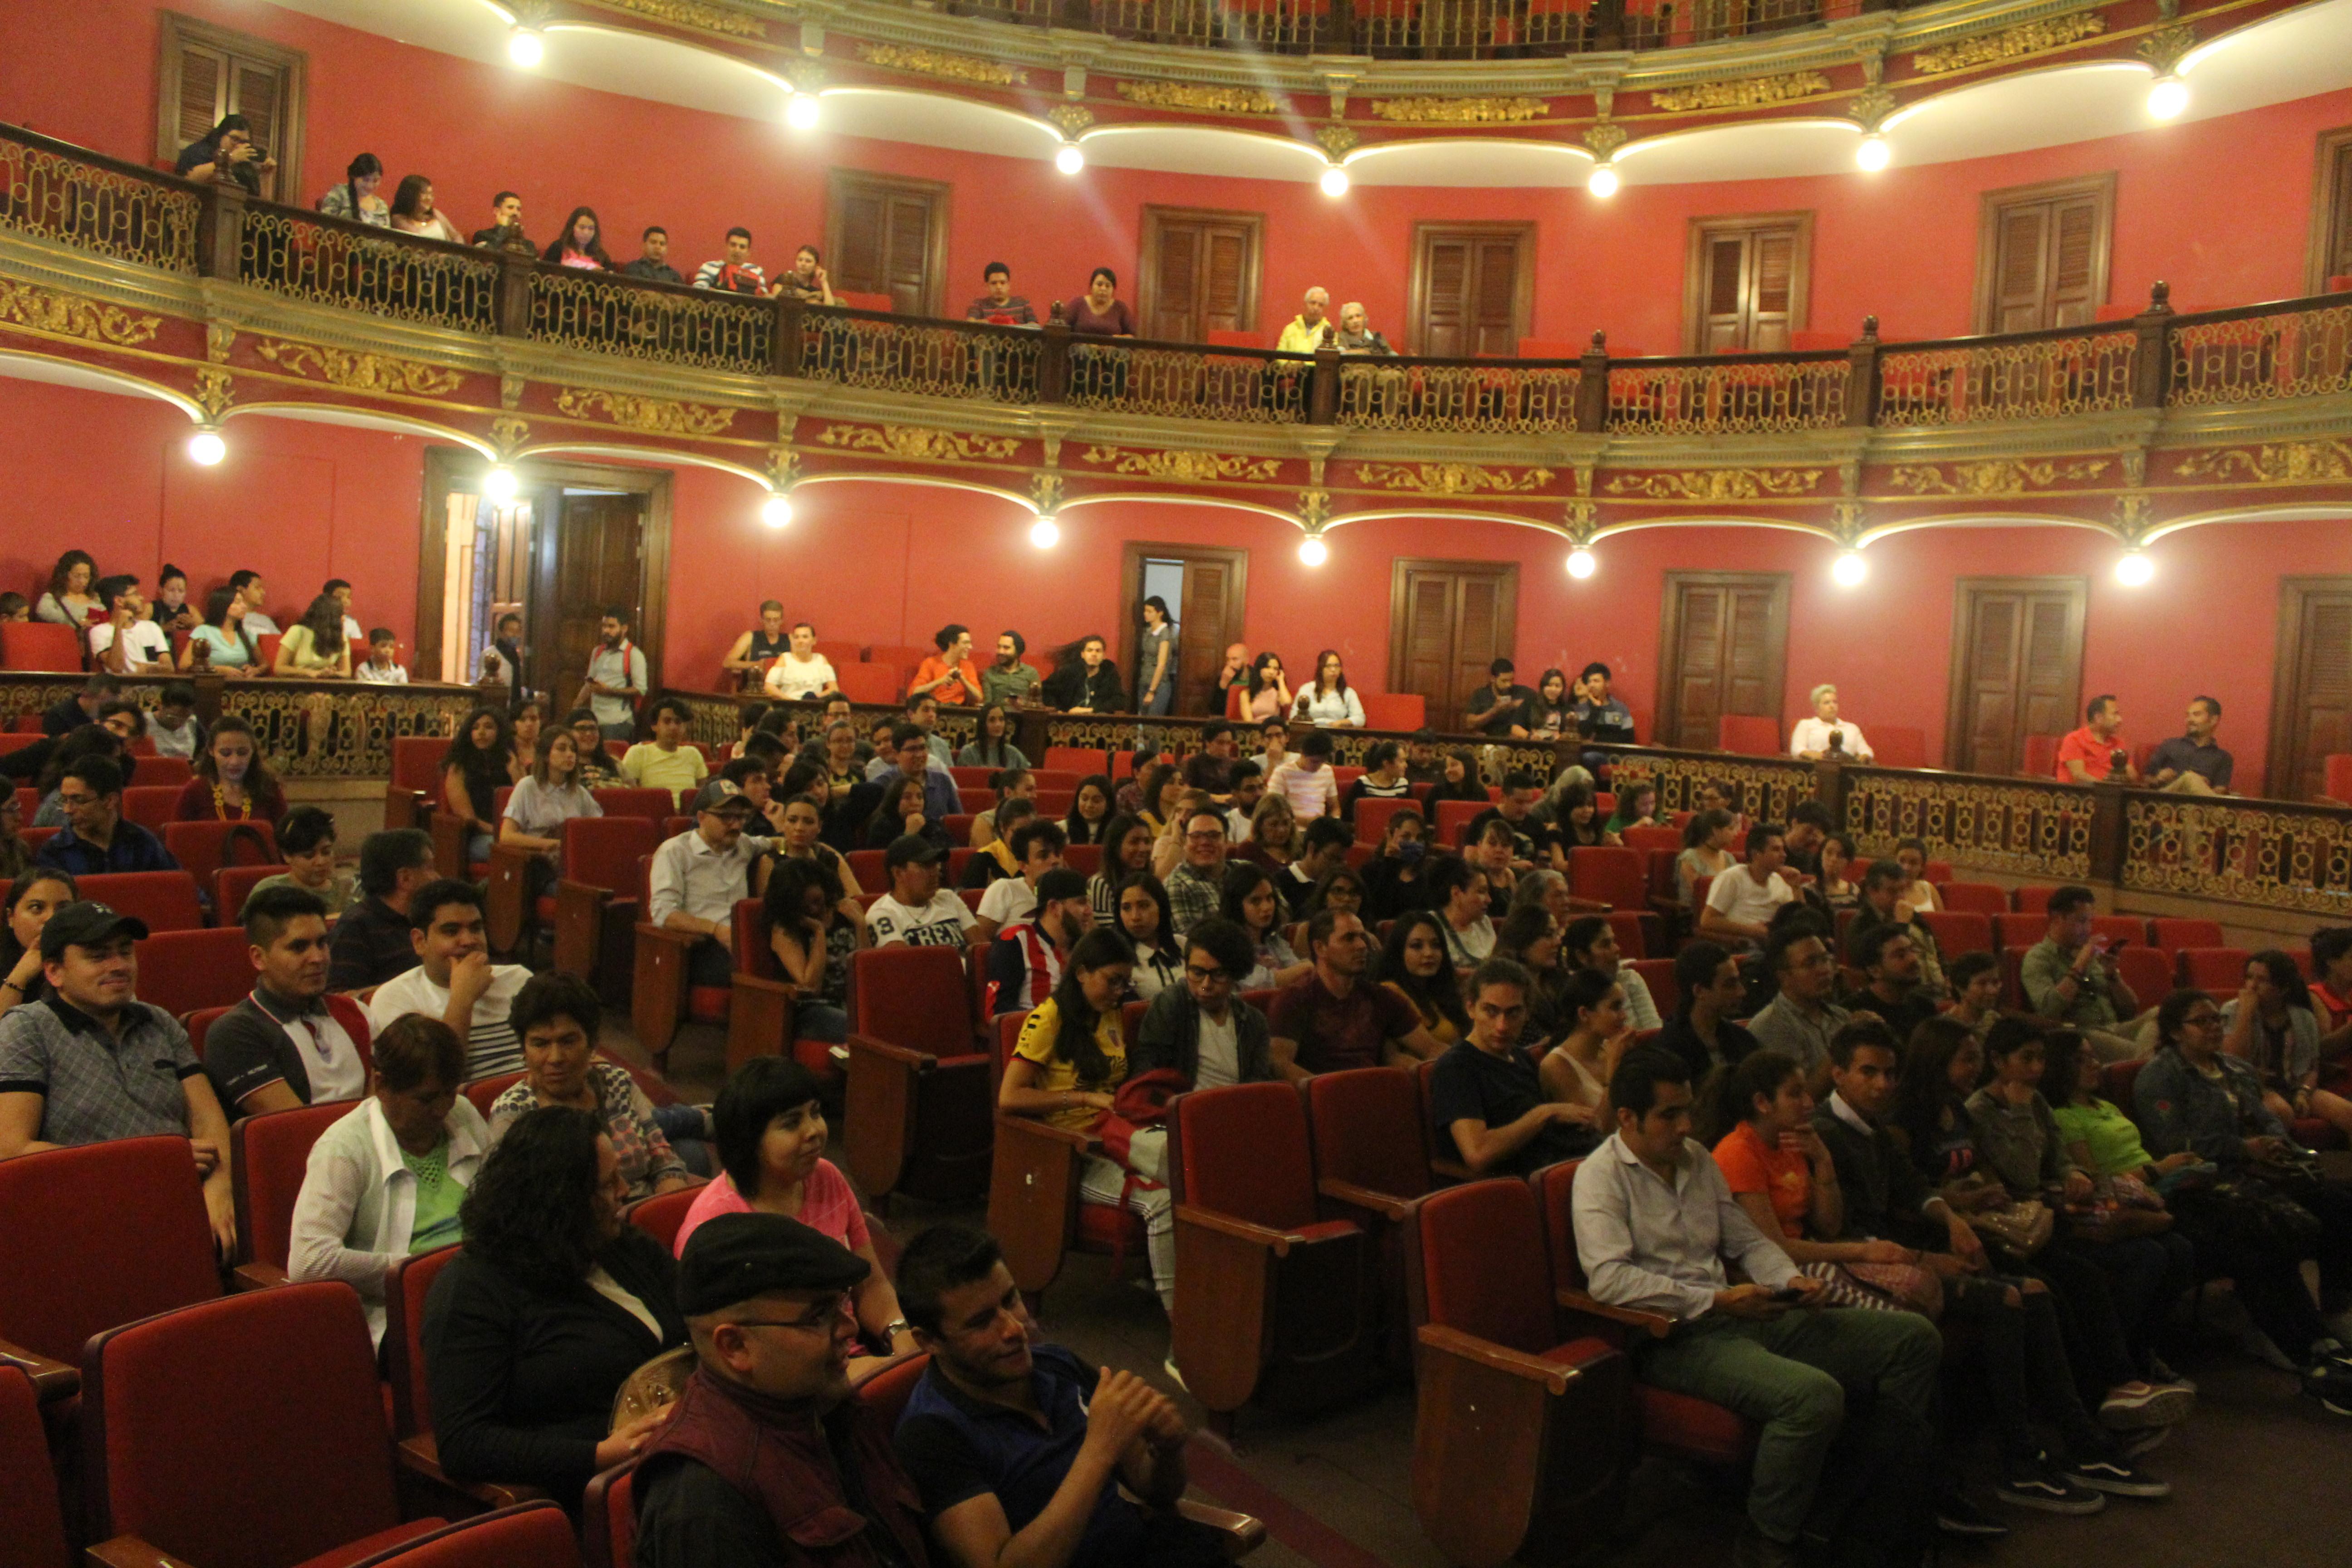 Las butacas del teatro estuvieron ocupadas en su mayoría por un público variado